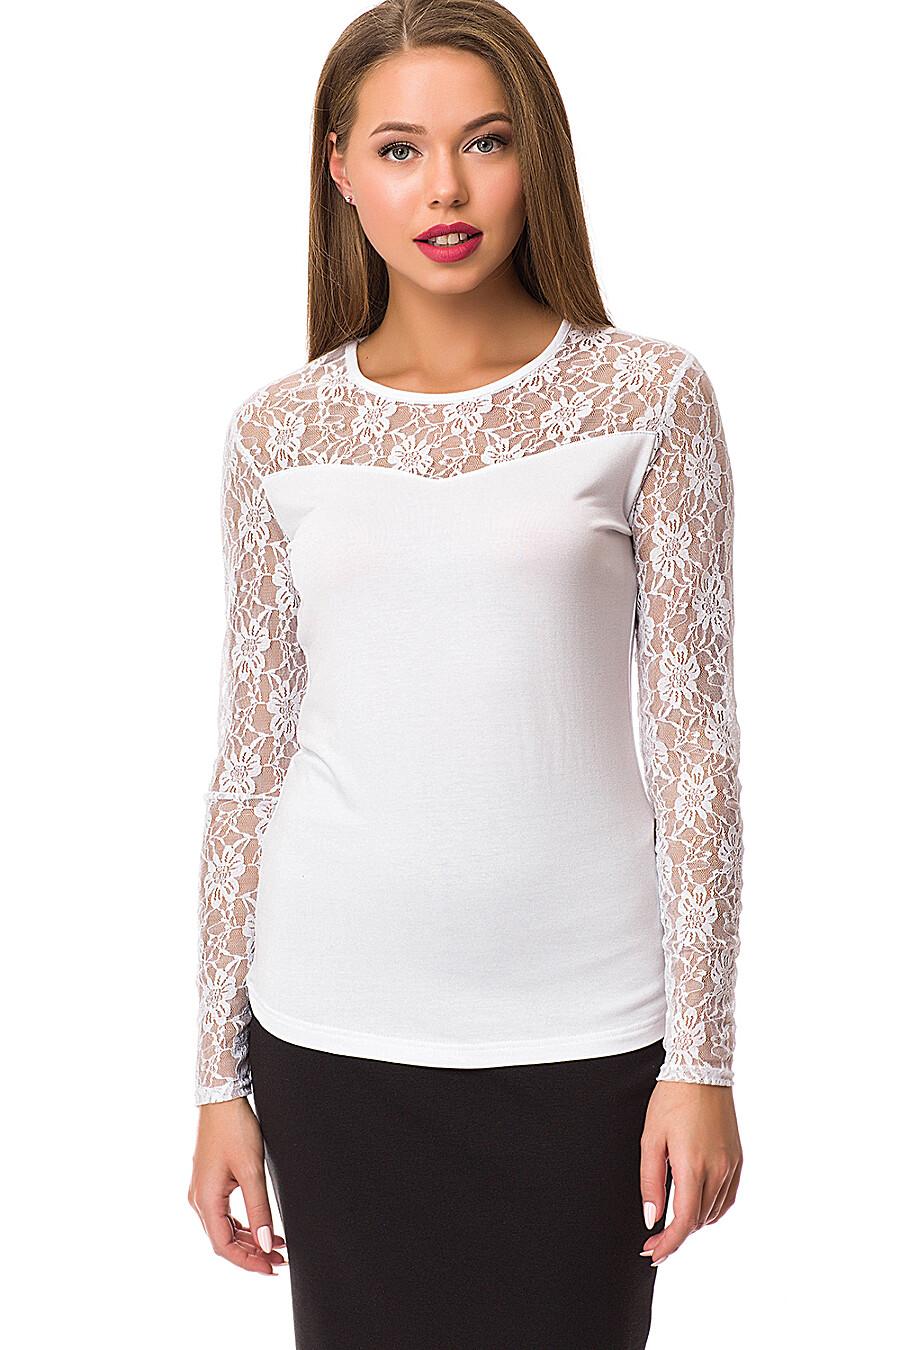 Блузка FOUR STYLES (119774), купить в Moyo.moda